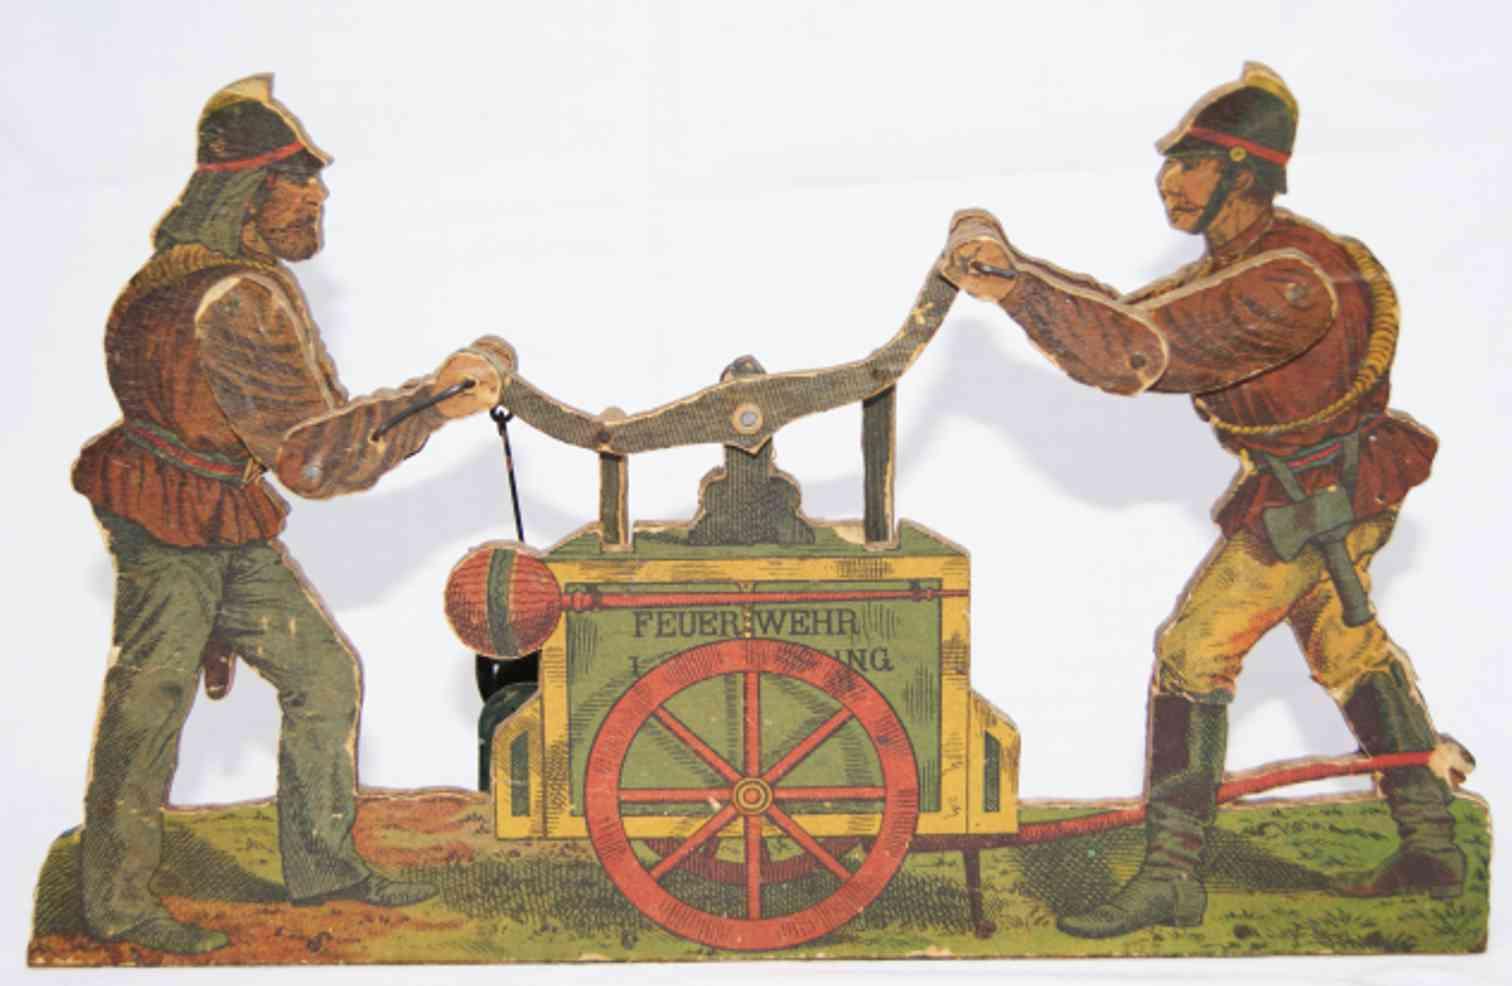 dampfspielzeug antriebsmodell feuerwehr handpumpe für 2 mann holz metall